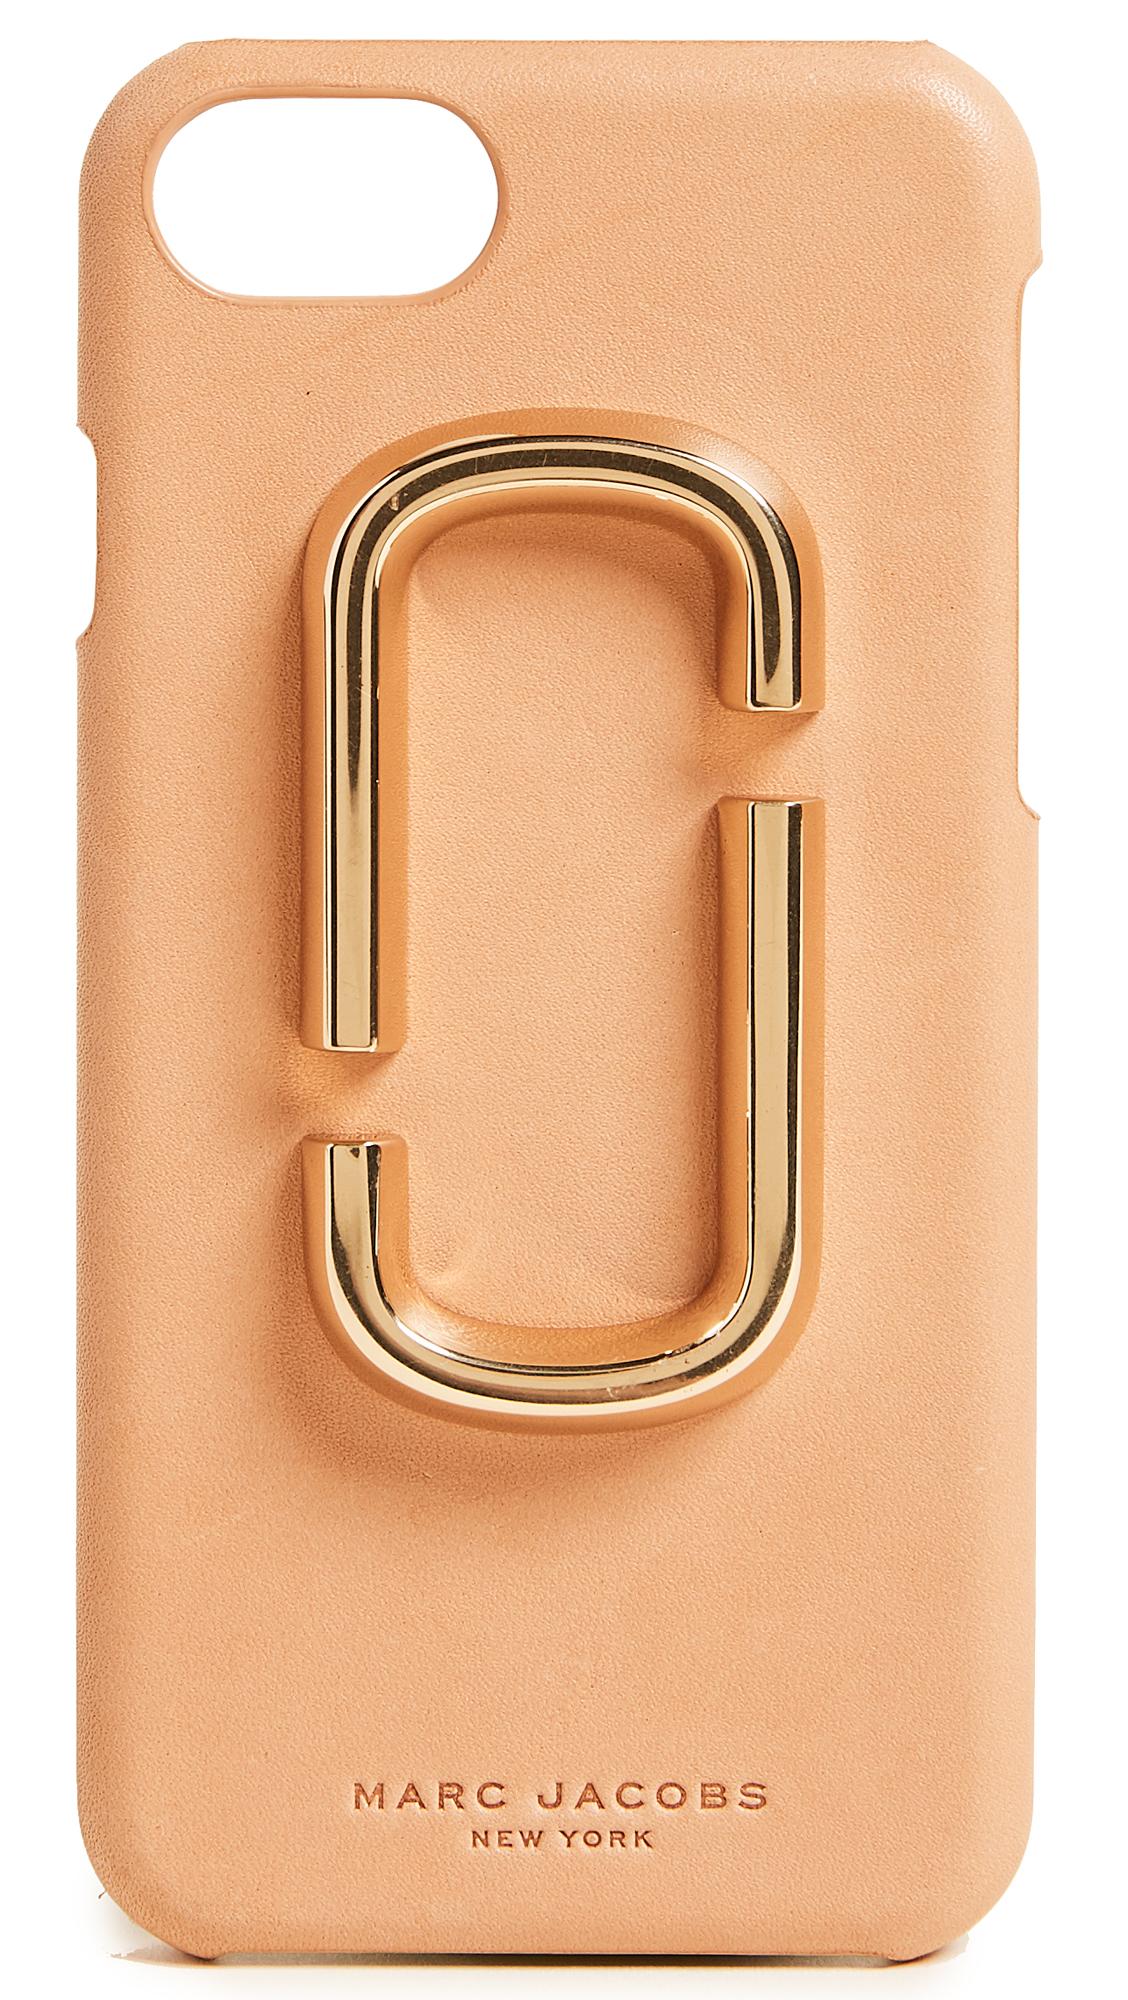 Marc Jacobs Double J iPhone 7 / 8 Case - Tan